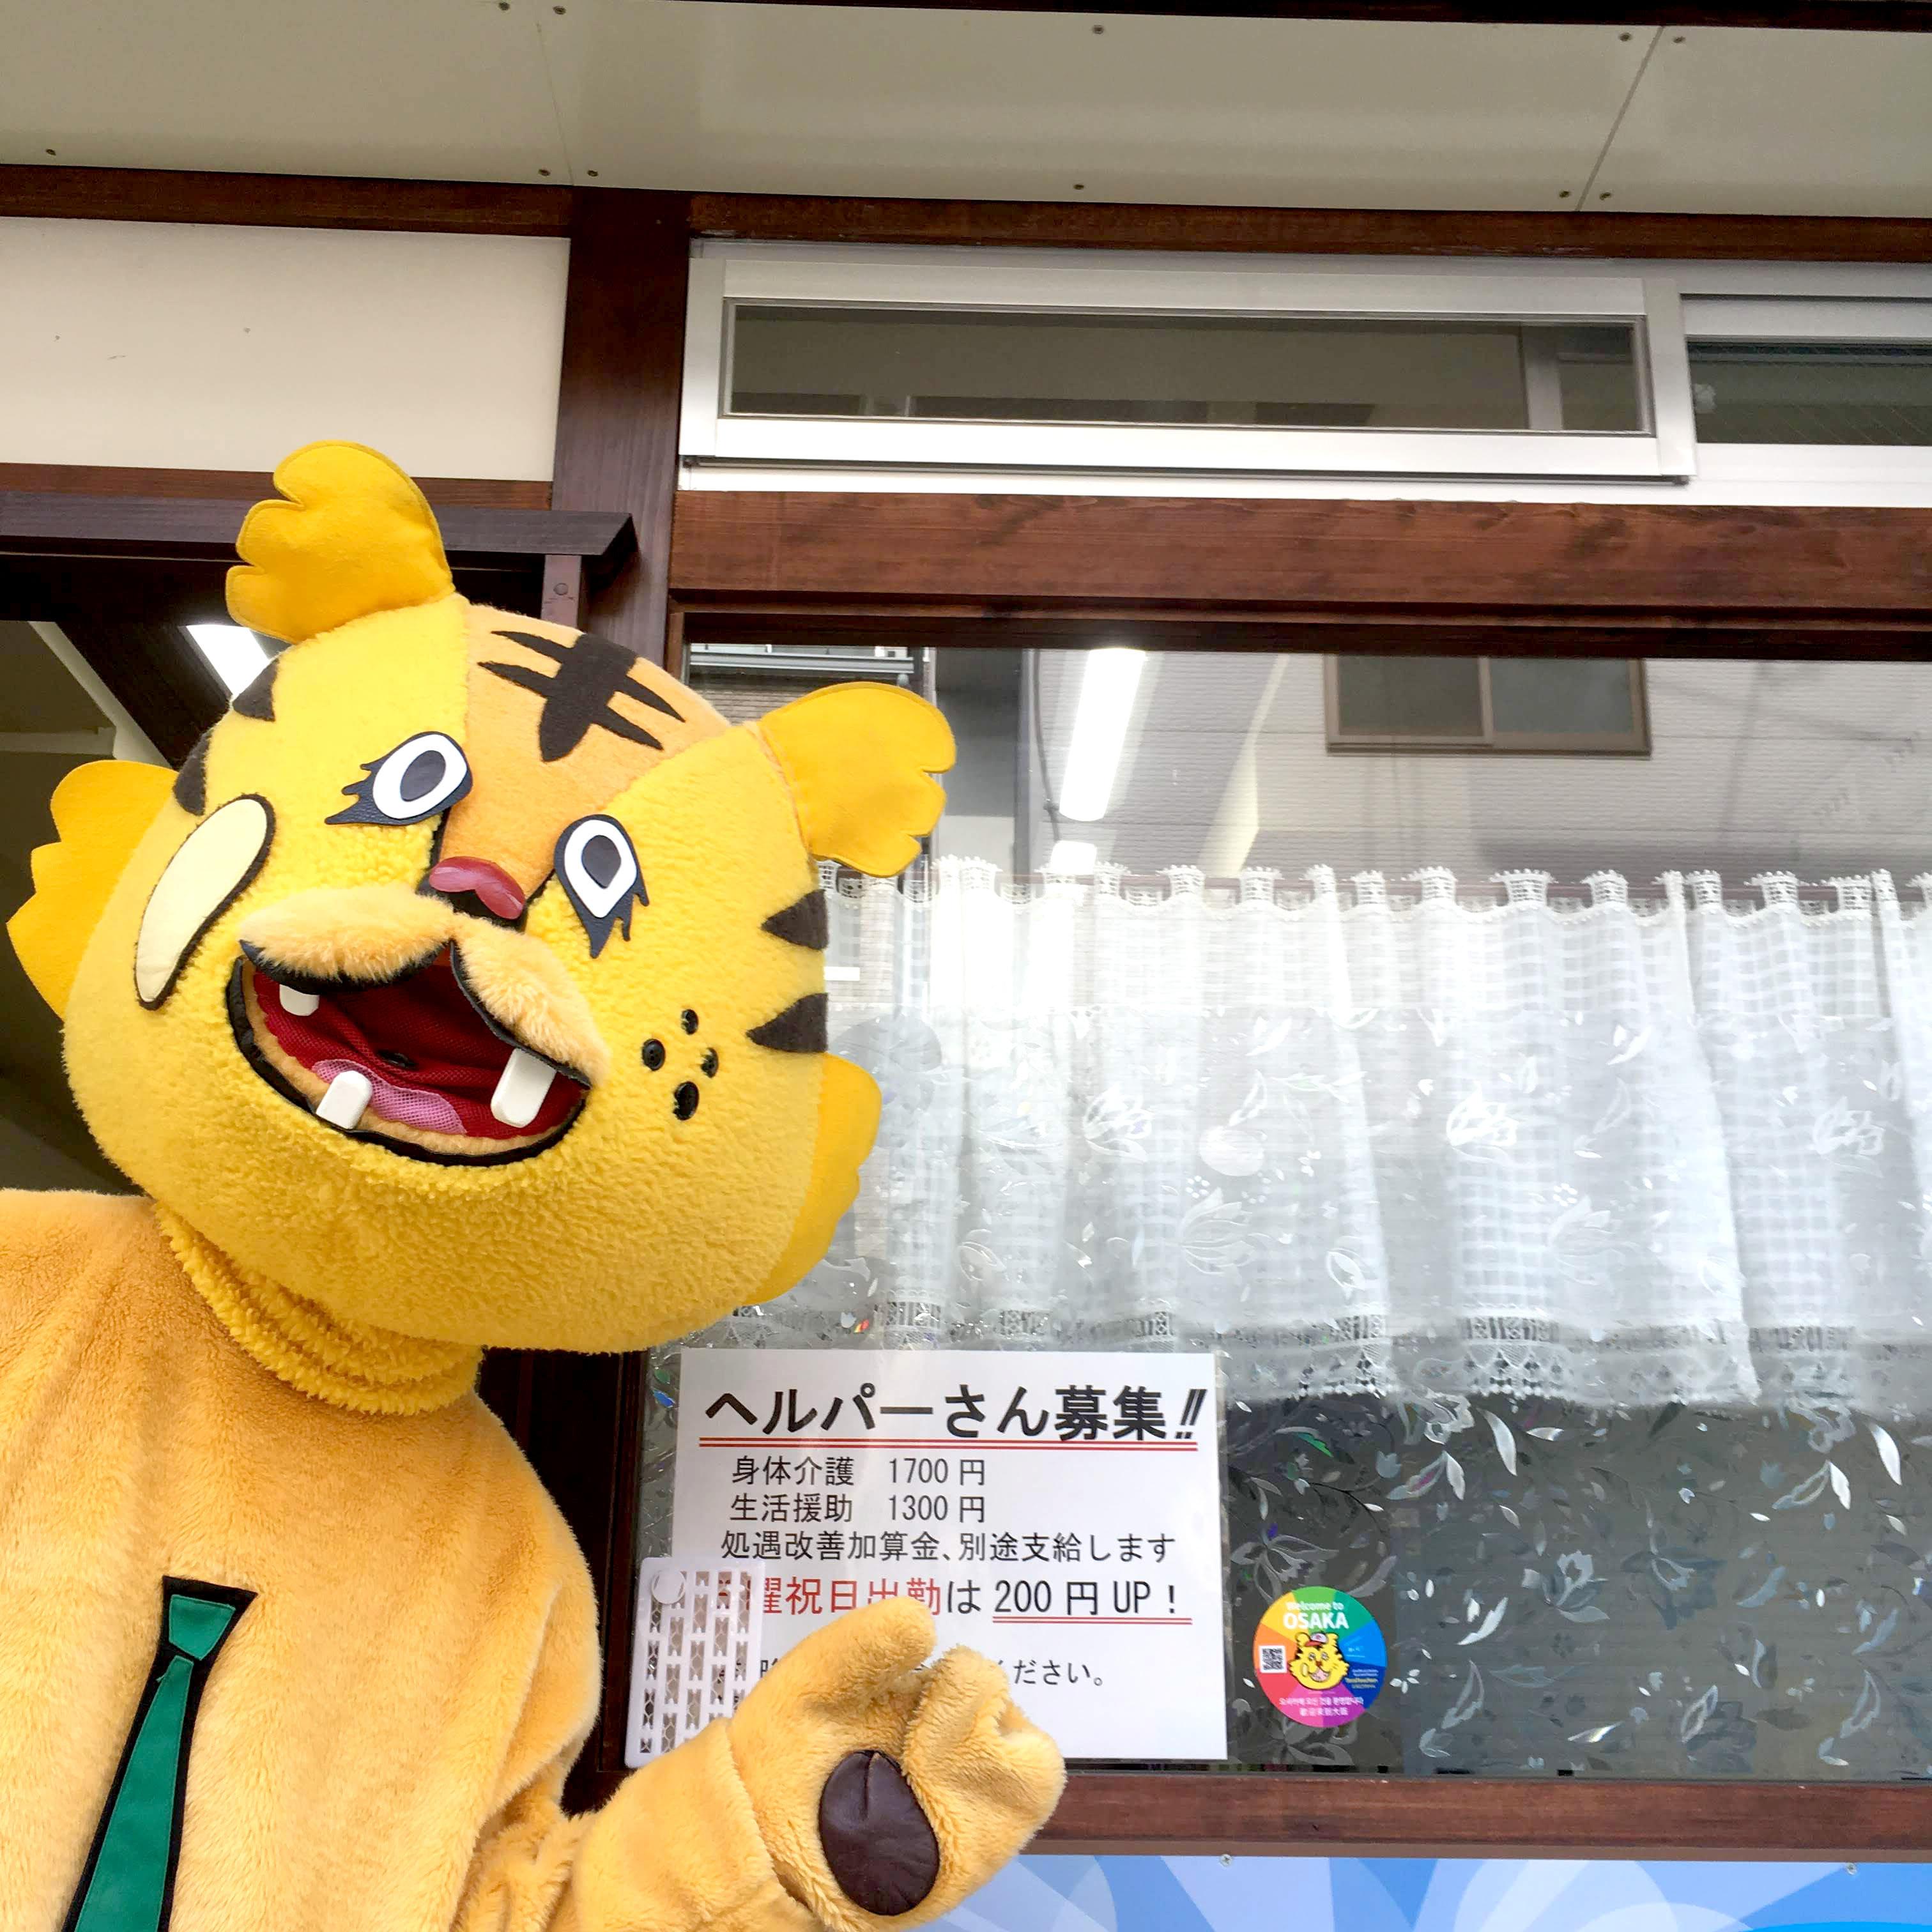 大阪・今里トラベラー(第2回・いまとみらい)